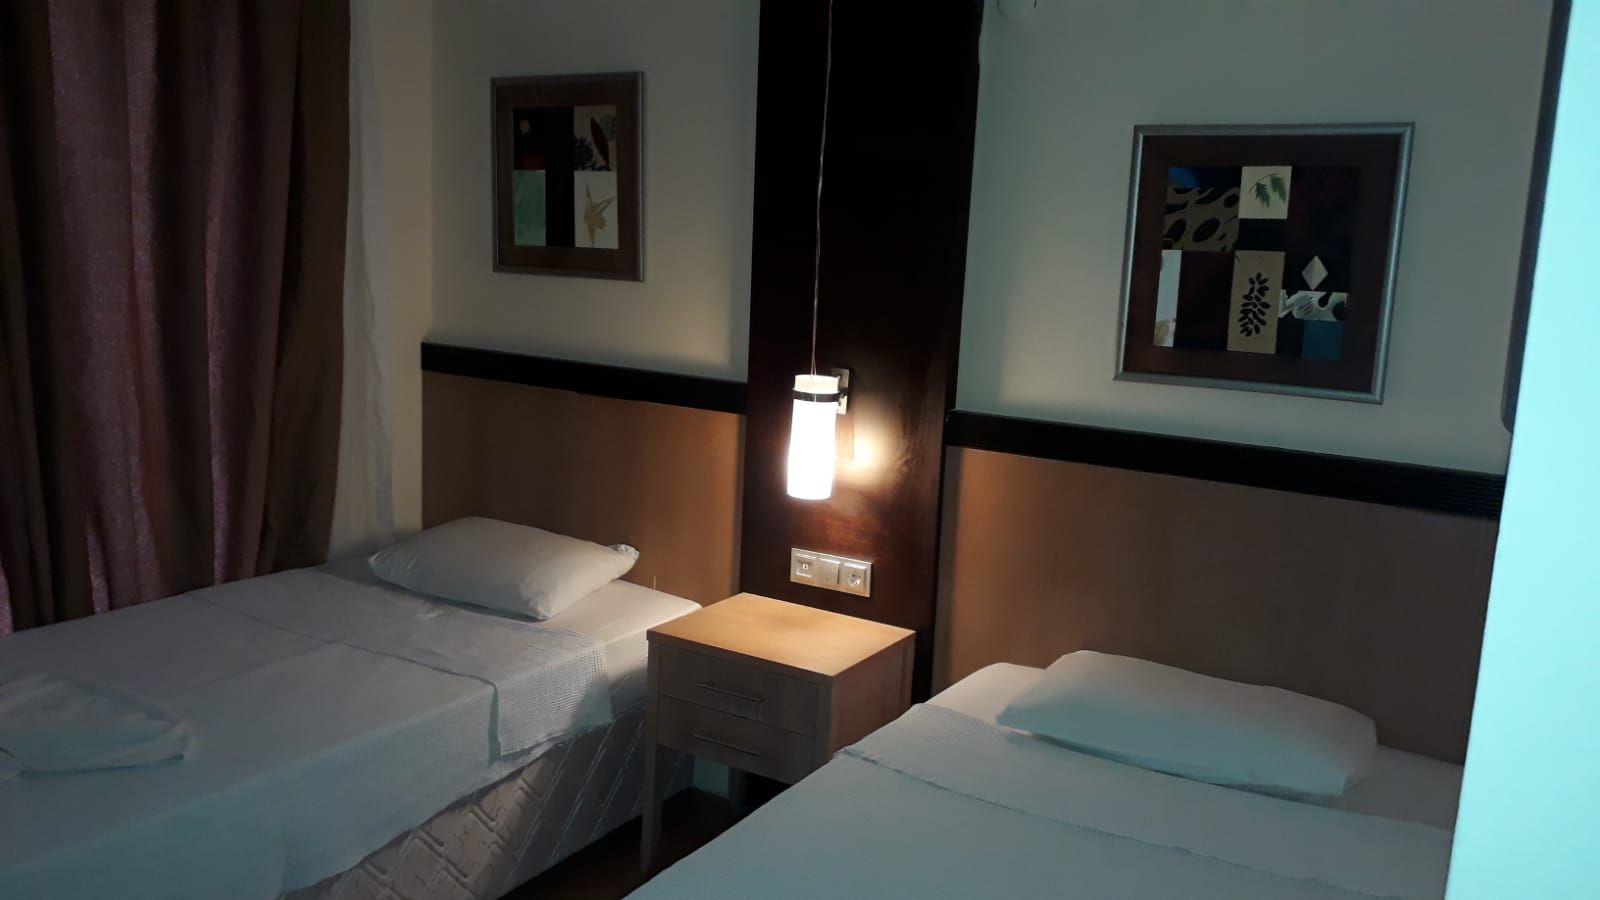 Letovanje Turska autobusom, Kusadasi, Hotel Santur,hotelska soba